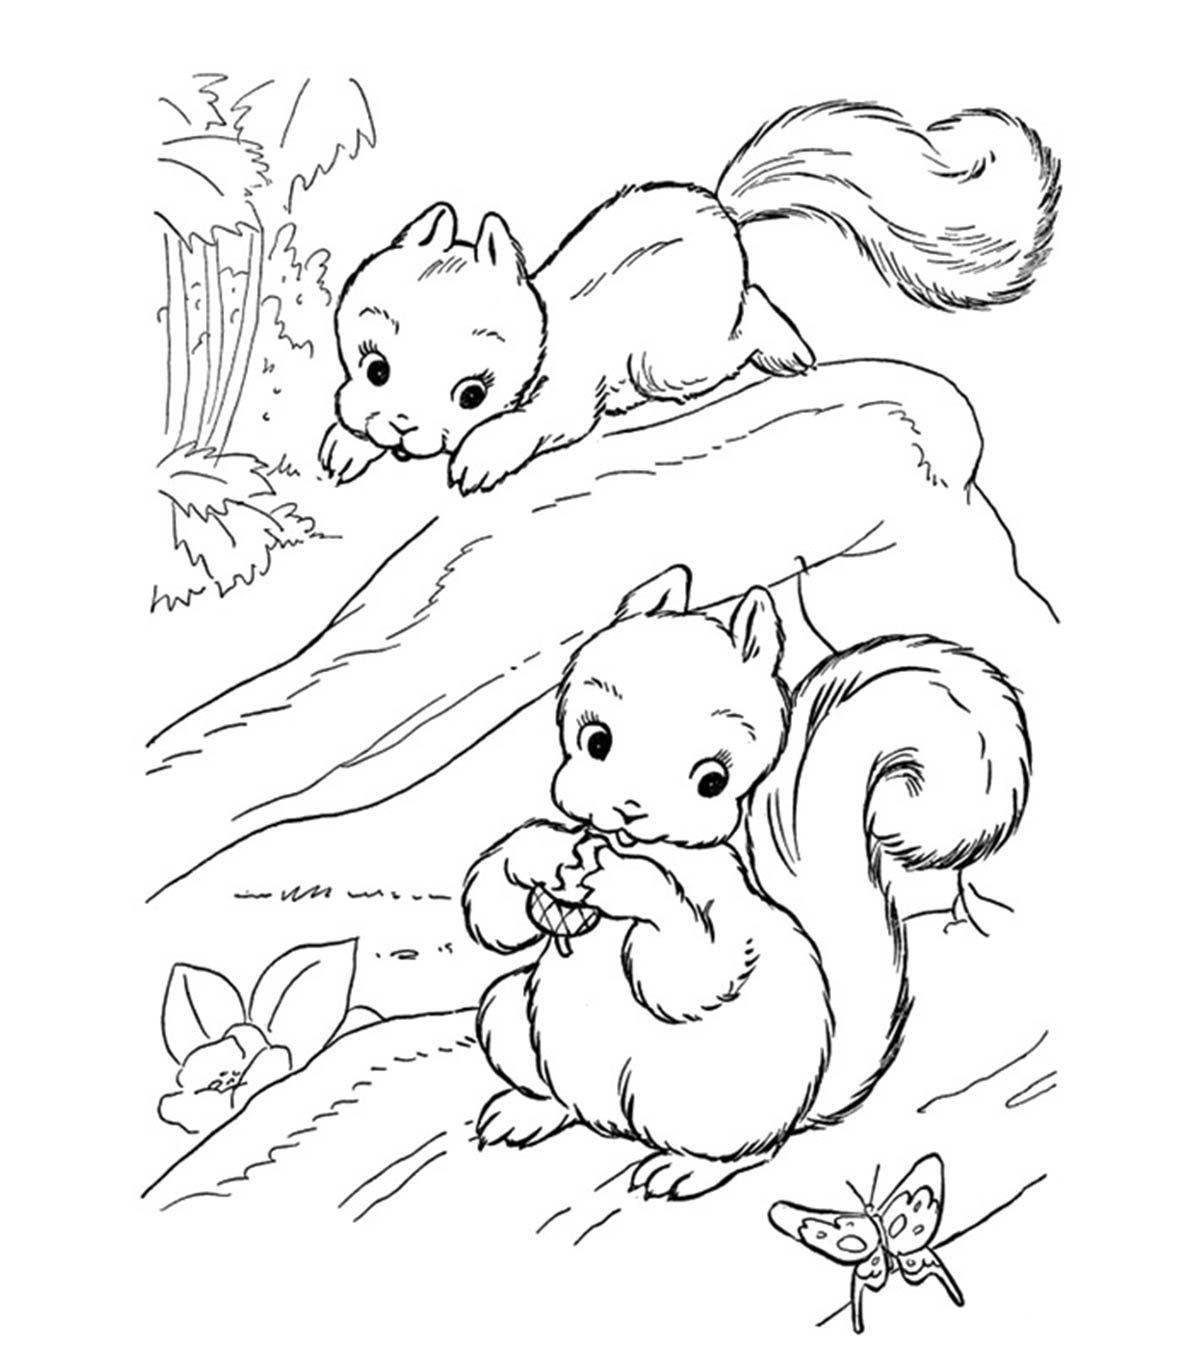 Squirrel Dieren Kleurplaten Gratis Kleurplaten Kleurboek